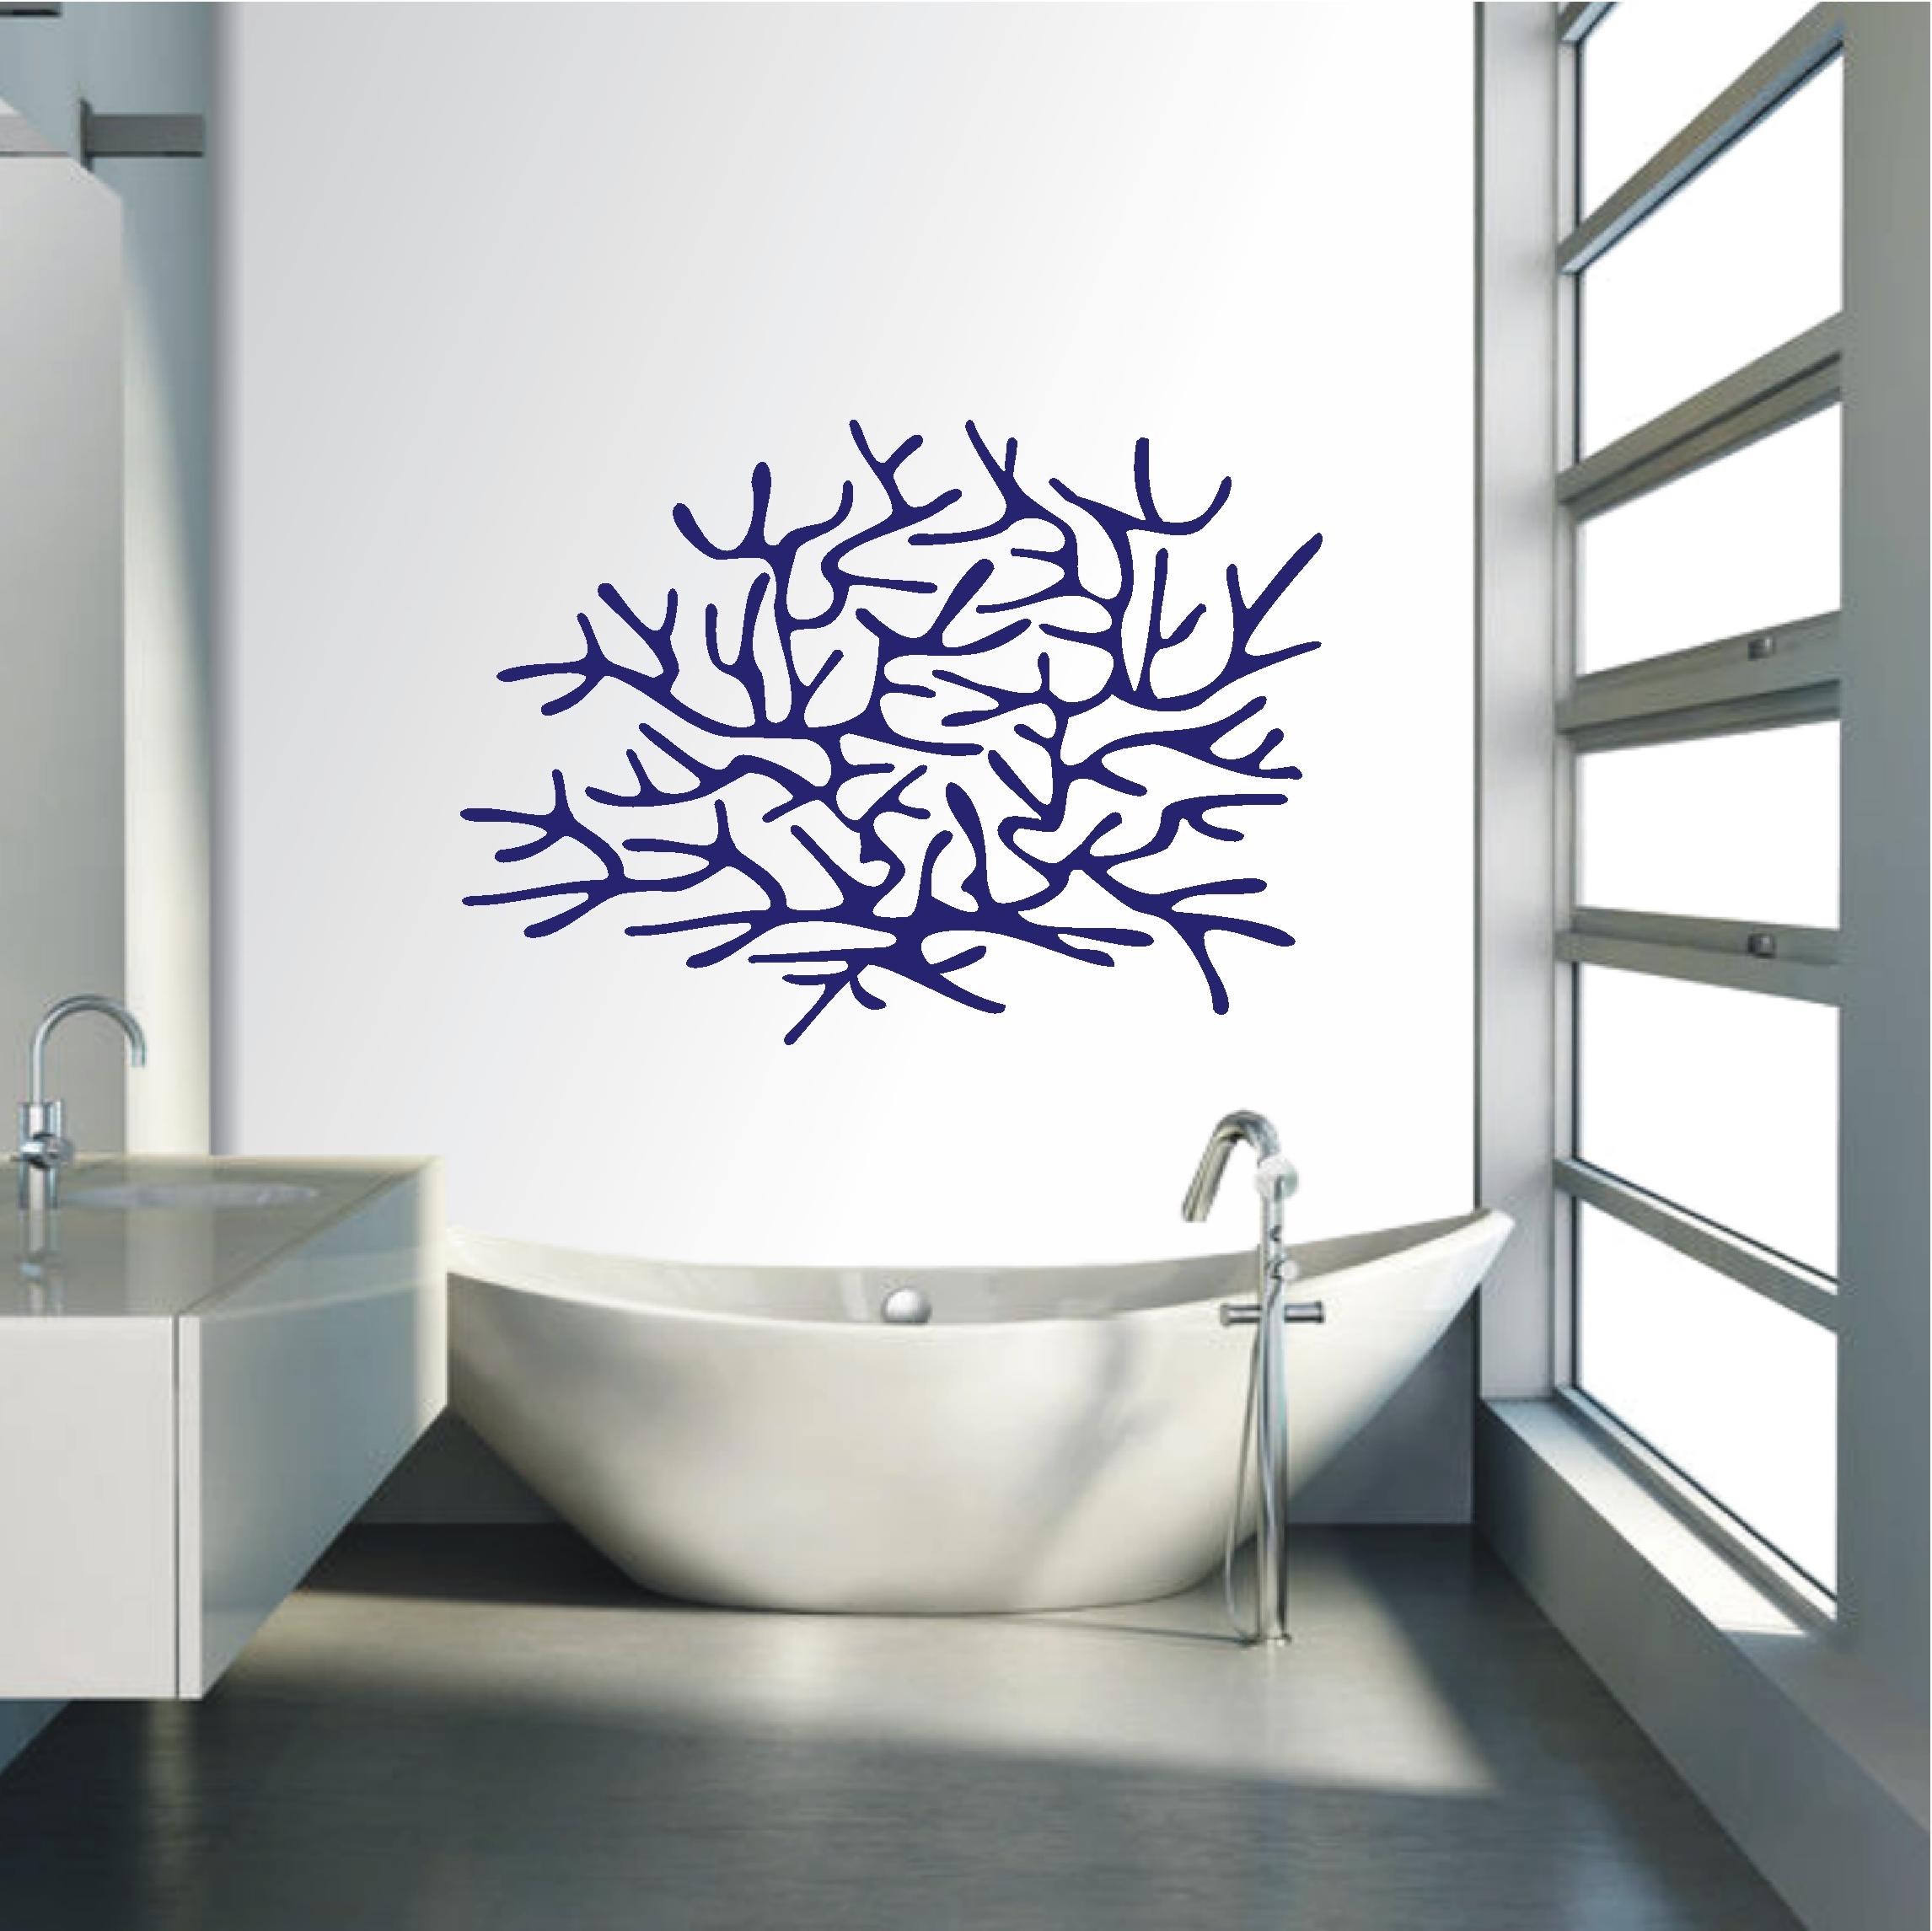 Wandtattoos Fürs Badezimmer schön wandtattoos fürs badezimmer zeitgenössisch die schlafzimmerideen kruloei info